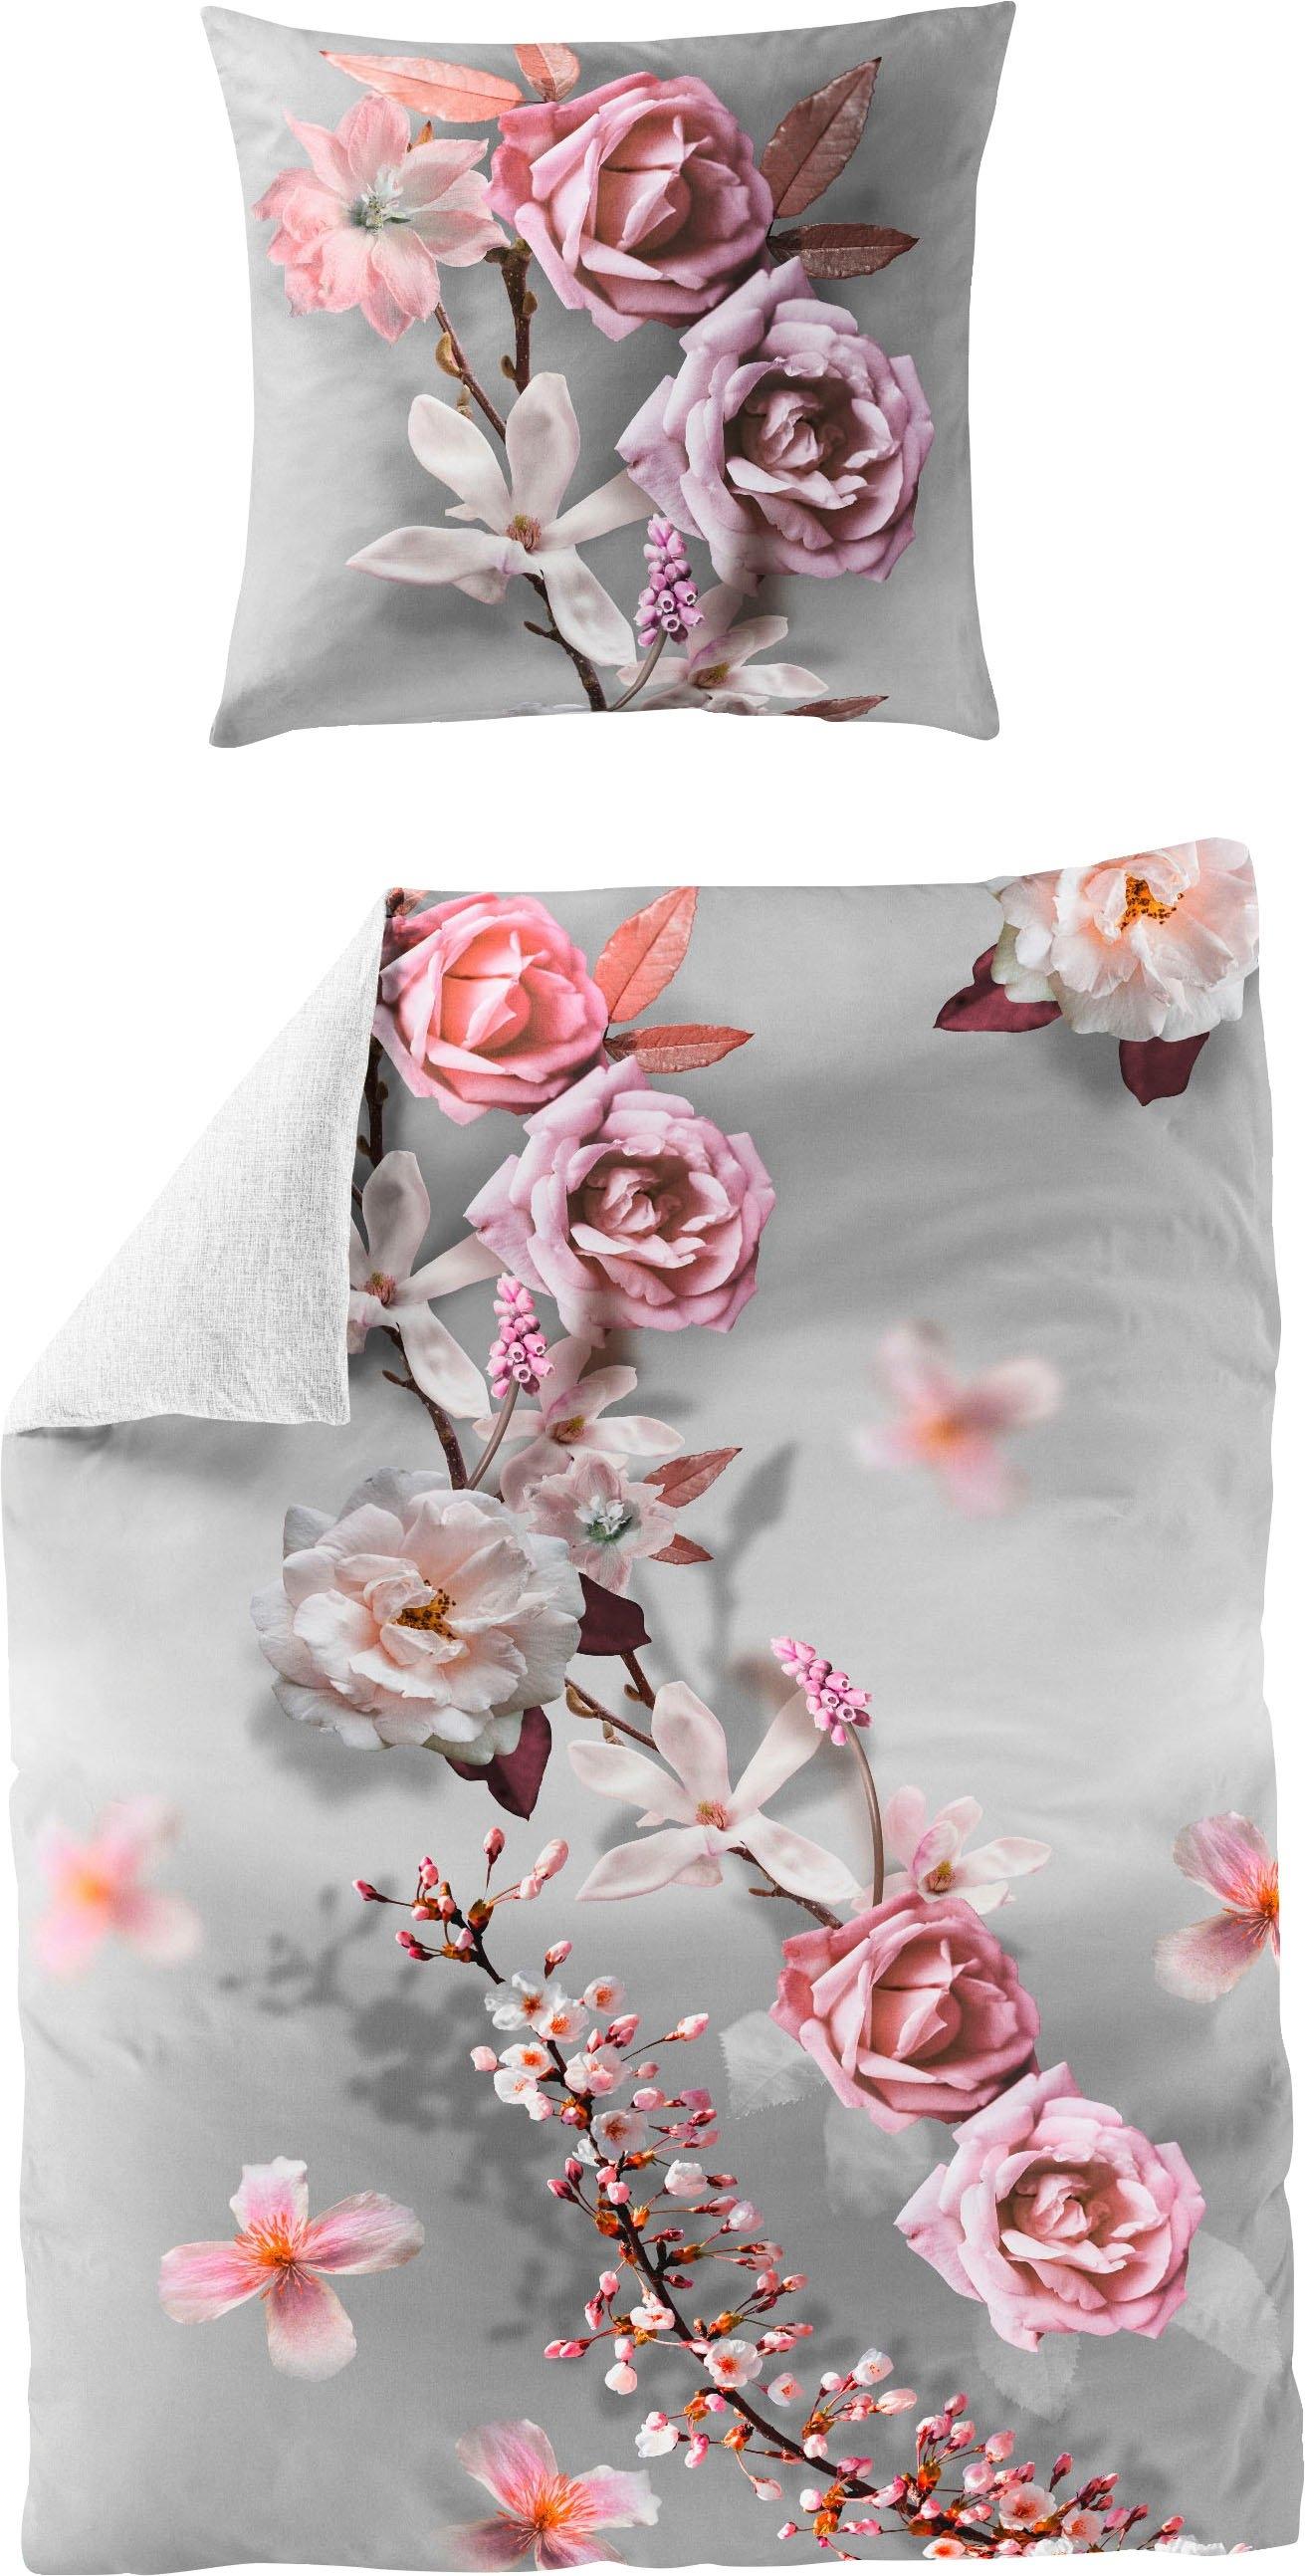 BIERBAUM tweezijdig te gebruiken overtrekset Pink rose met bloemenprint (2-delig) bestellen: 30 dagen bedenktijd